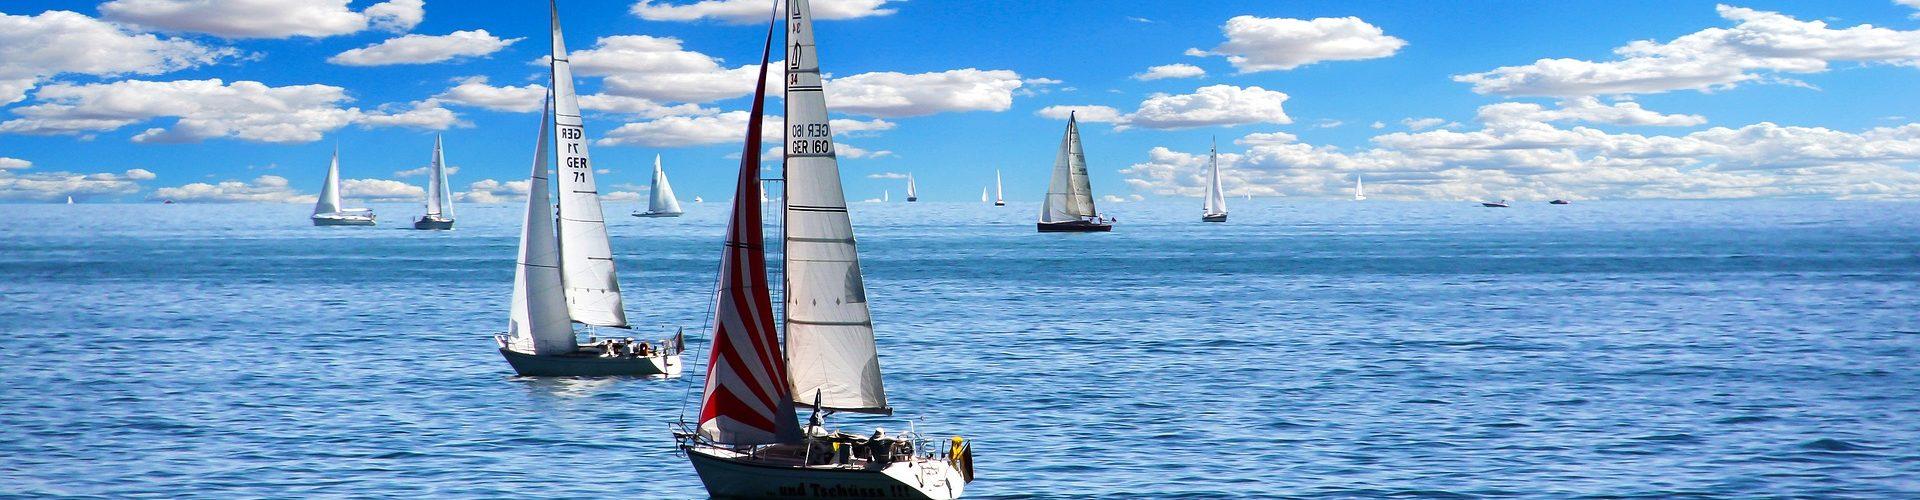 segeln lernen in Prenzlau segelschein machen in Prenzlau 1920x500 - Segeln lernen in Prenzlau